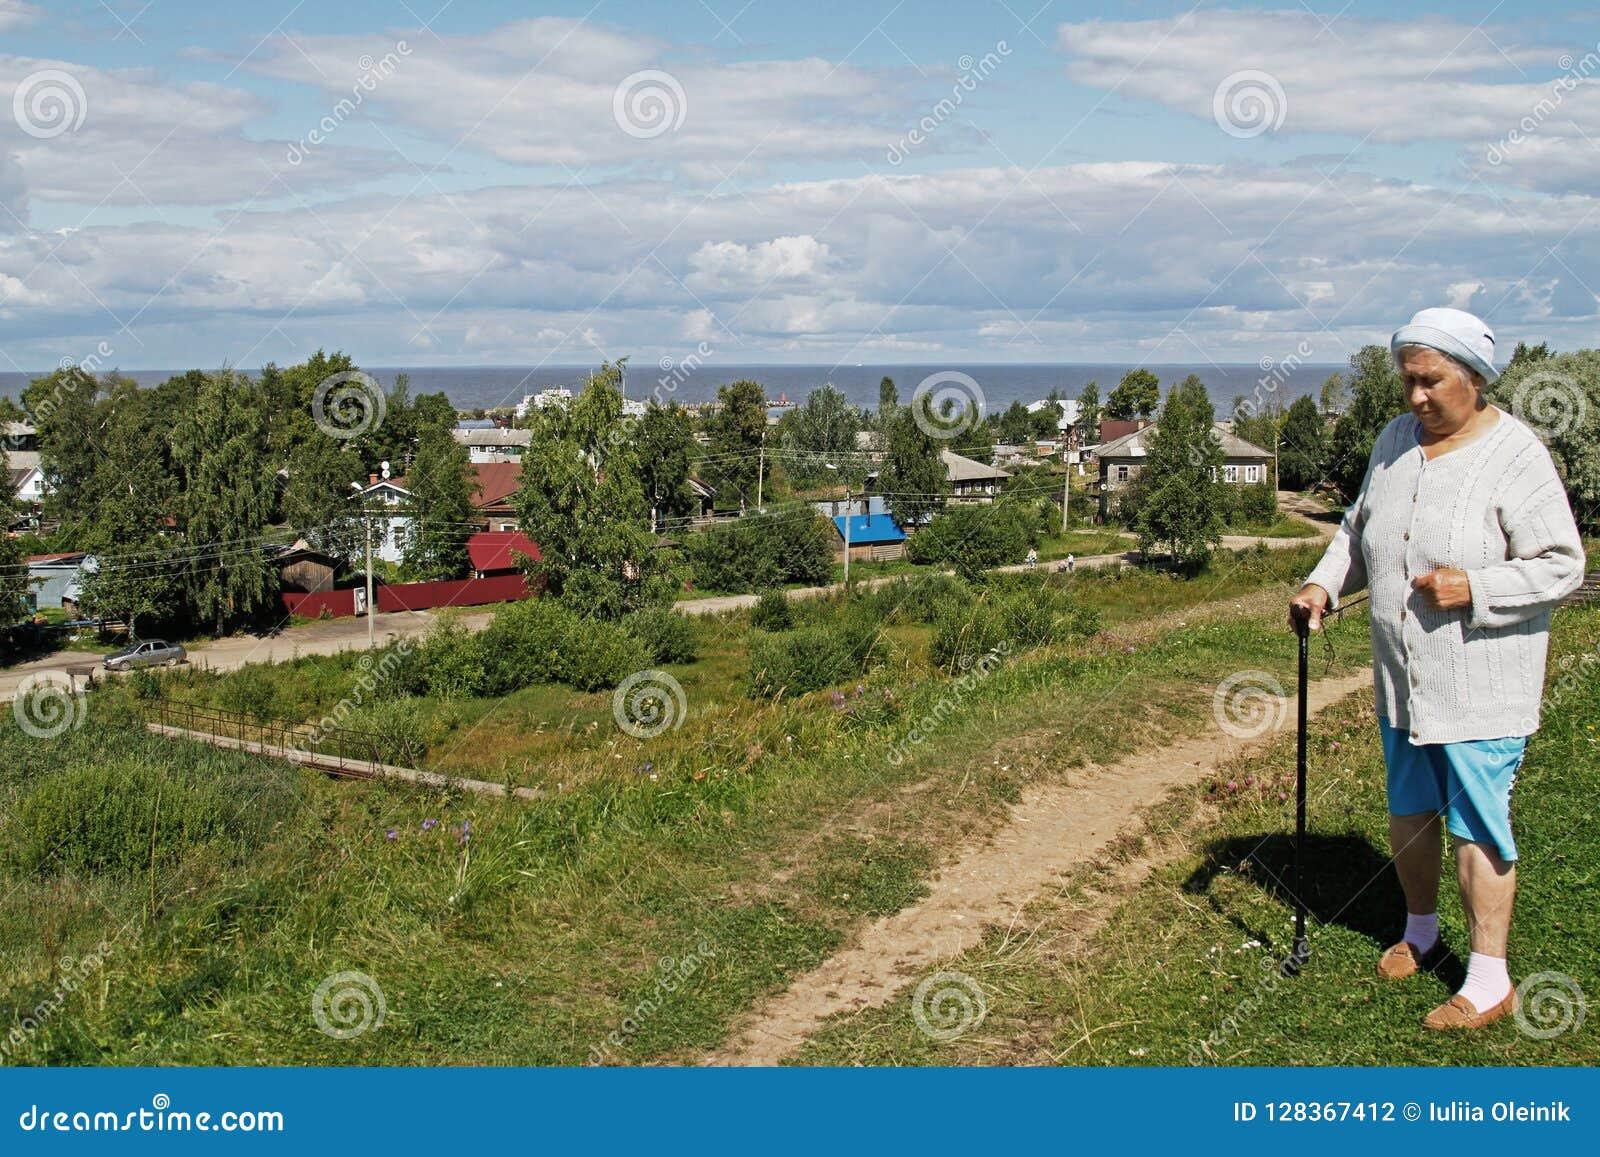 Μια ηλικιωμένη γυναίκα με έναν κάλαμο στέκεται στο υπόβαθρο του χωριού και τη λίμνη σε Belozersk